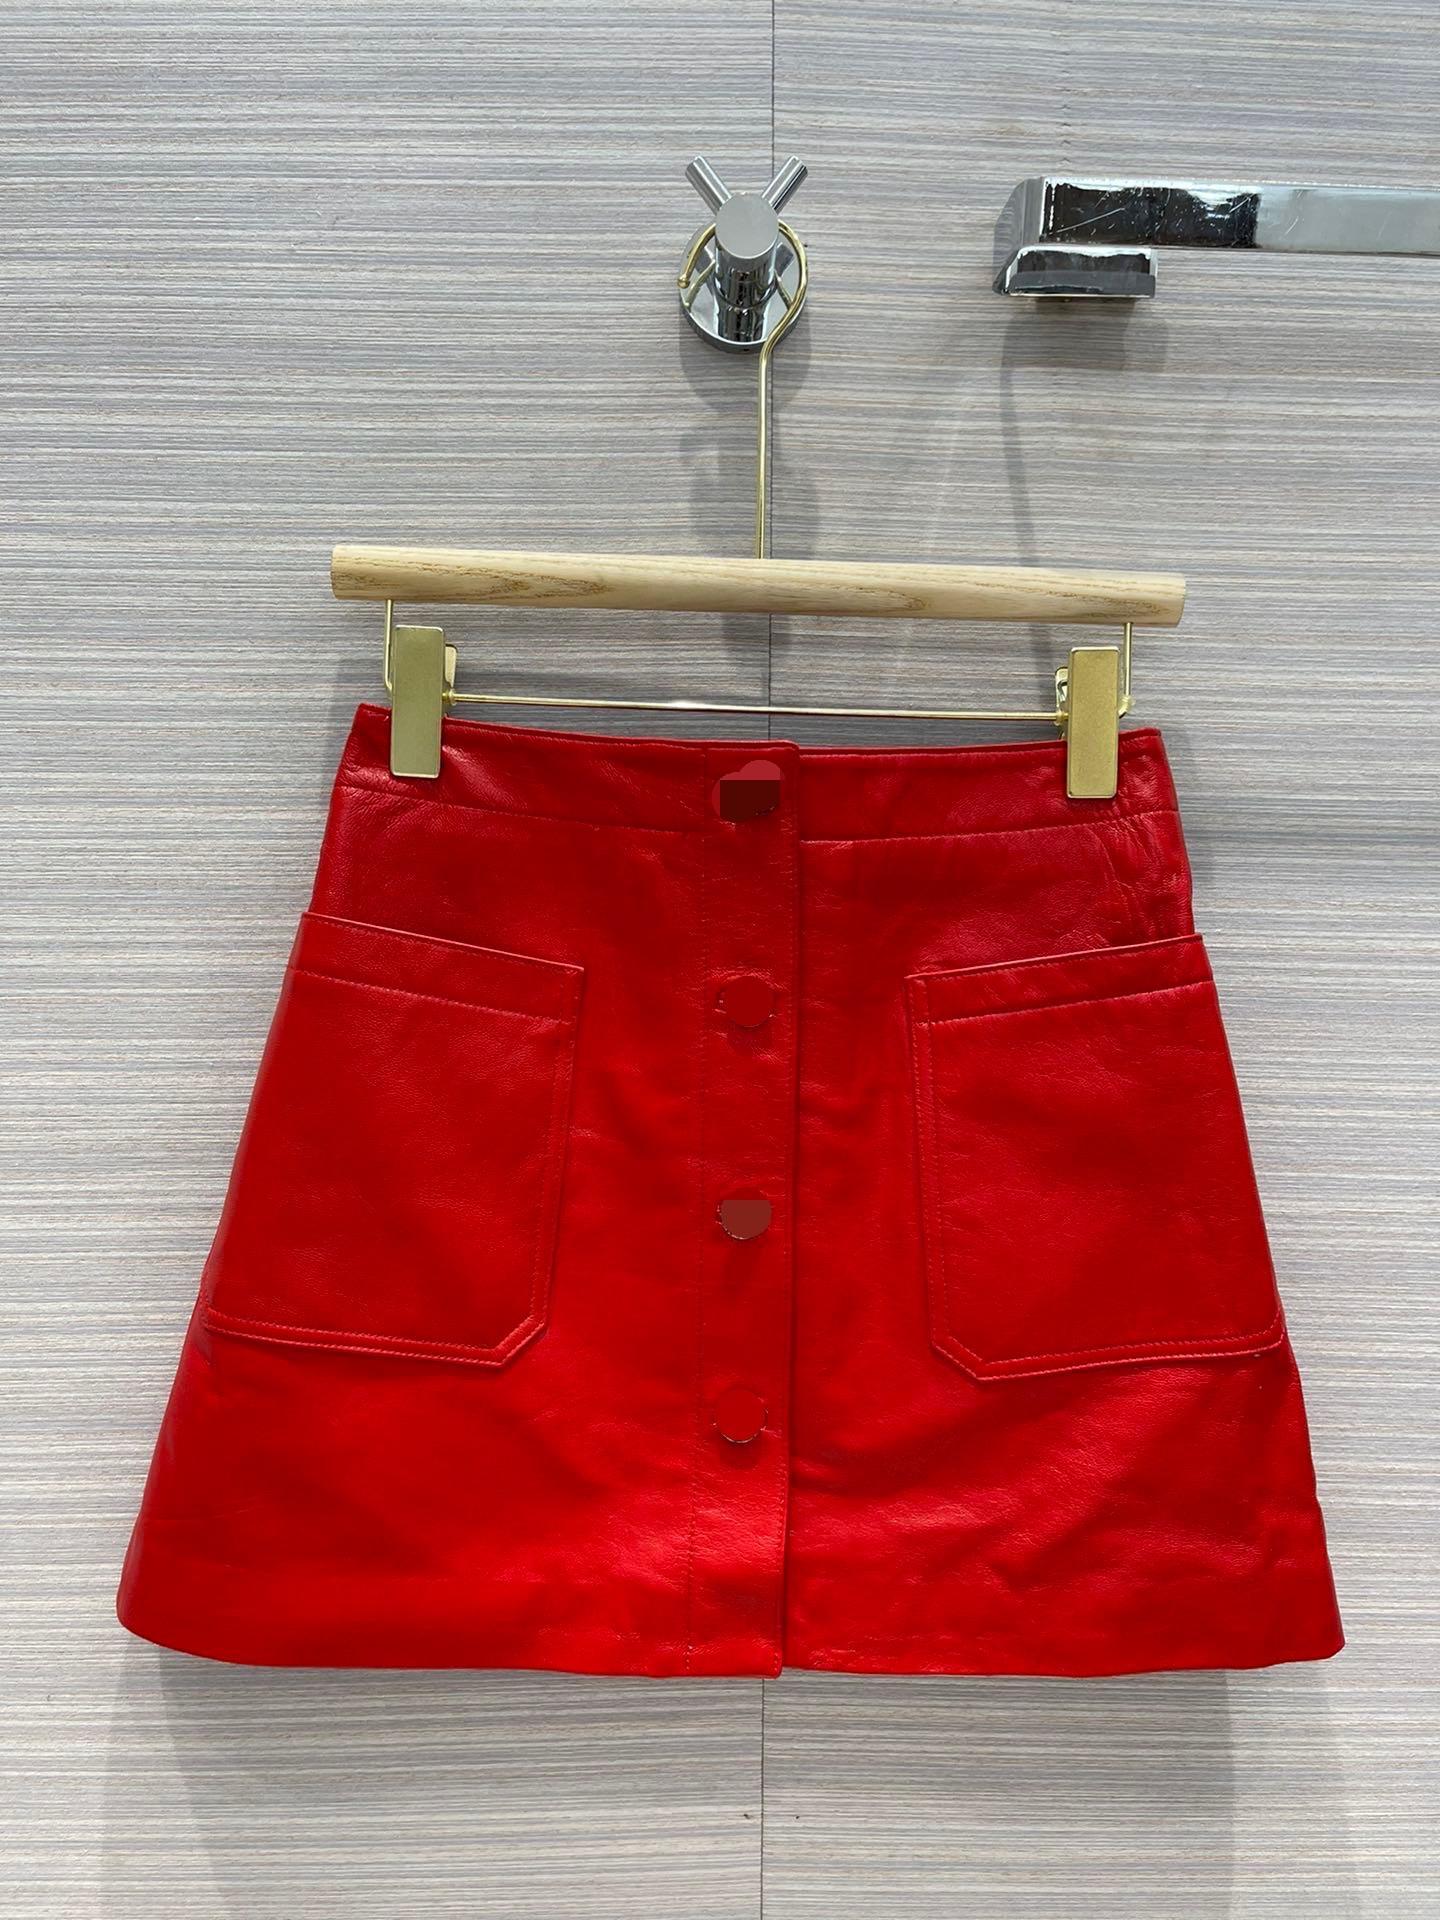 2021 İlkbahar Sonbahar Kış Milan Tasarımcı Etekler Muhteşem Bir Etek Kadınlar Marka Aynı Stil Etekler 0607-1